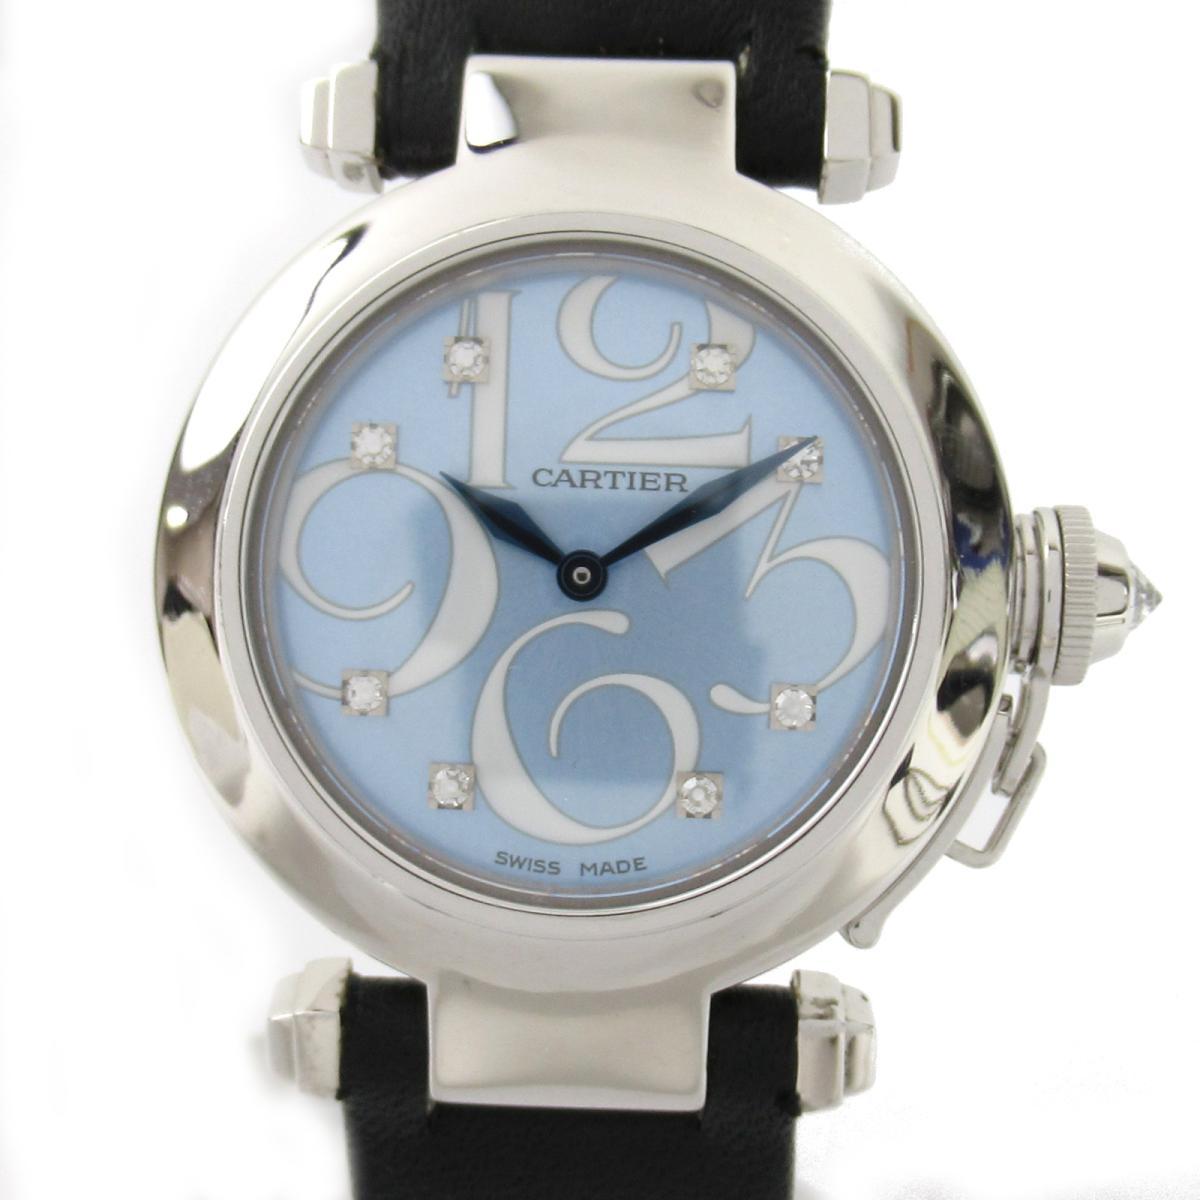 【中古】 カルティエ パシャ 8Pダイヤ ウォッチ 腕時計 レディース K18WG (750)ホワイトゴールド レザーベルト (WJ123121) | Cartier BRANDOFF ブランドオフ ブランド ブランド時計 ブランド腕時計 時計